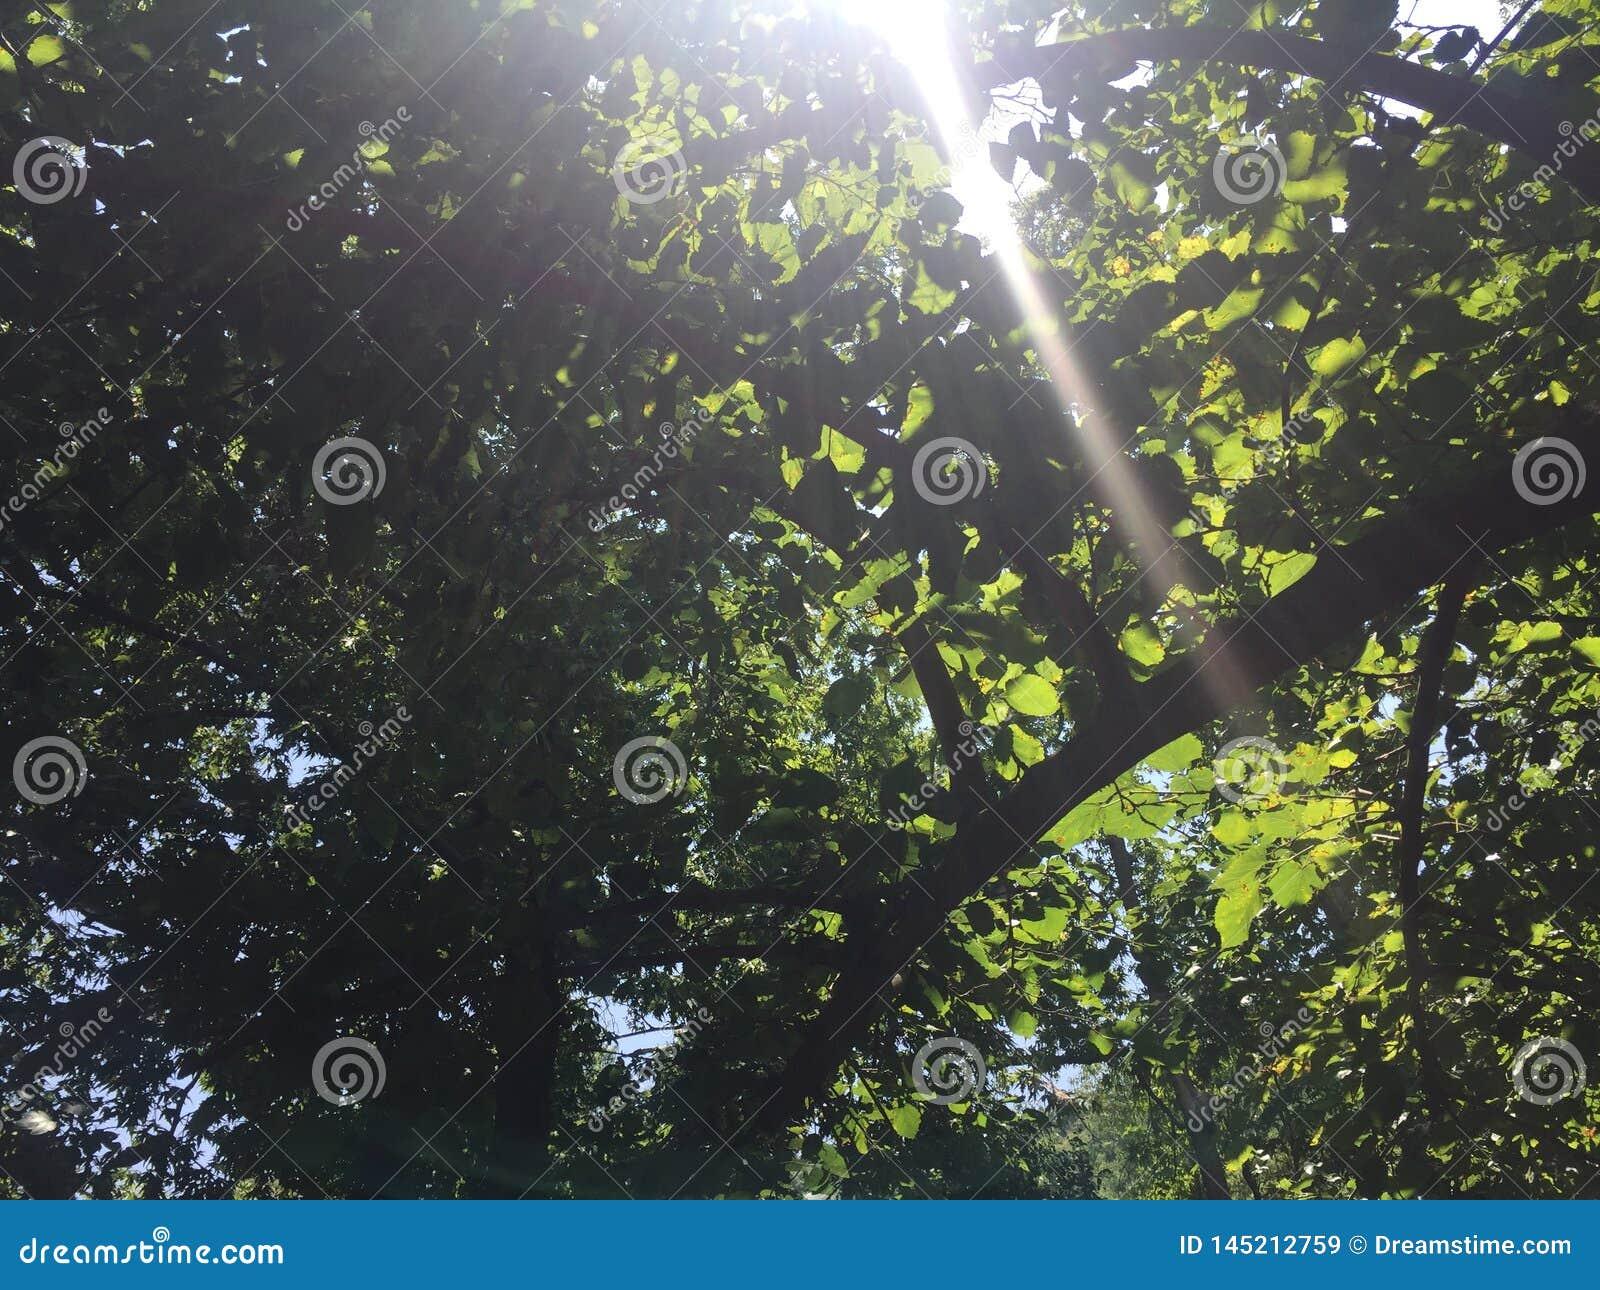 Sun through the leaves